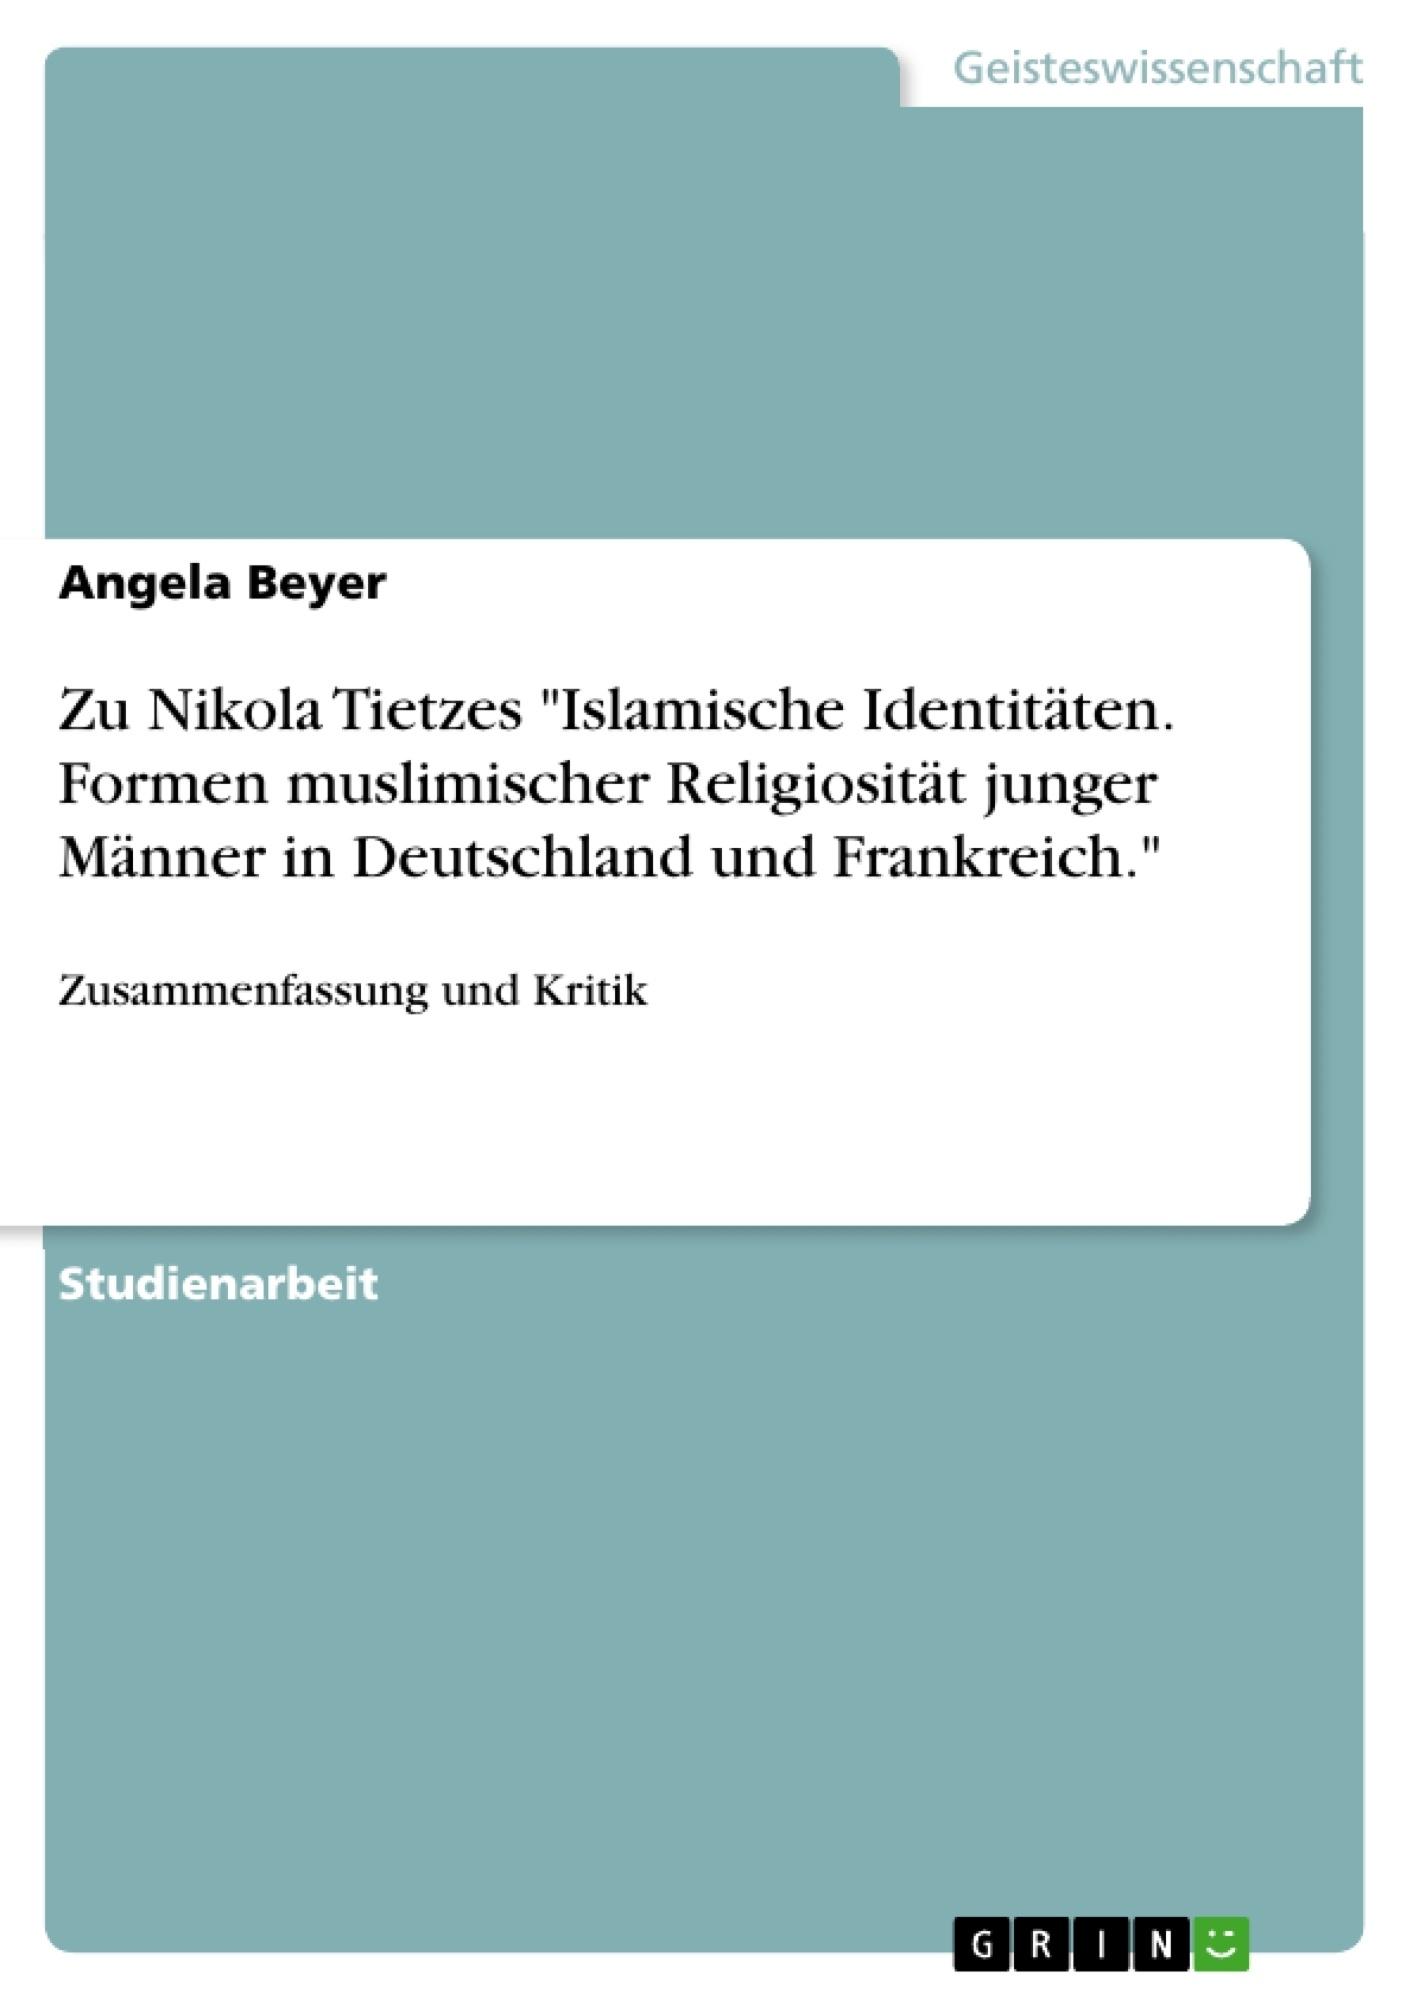 """Titel: Zu Nikola Tietzes """"Islamische Identitäten. Formen muslimischer Religiosität junger Männer in Deutschland und Frankreich."""""""